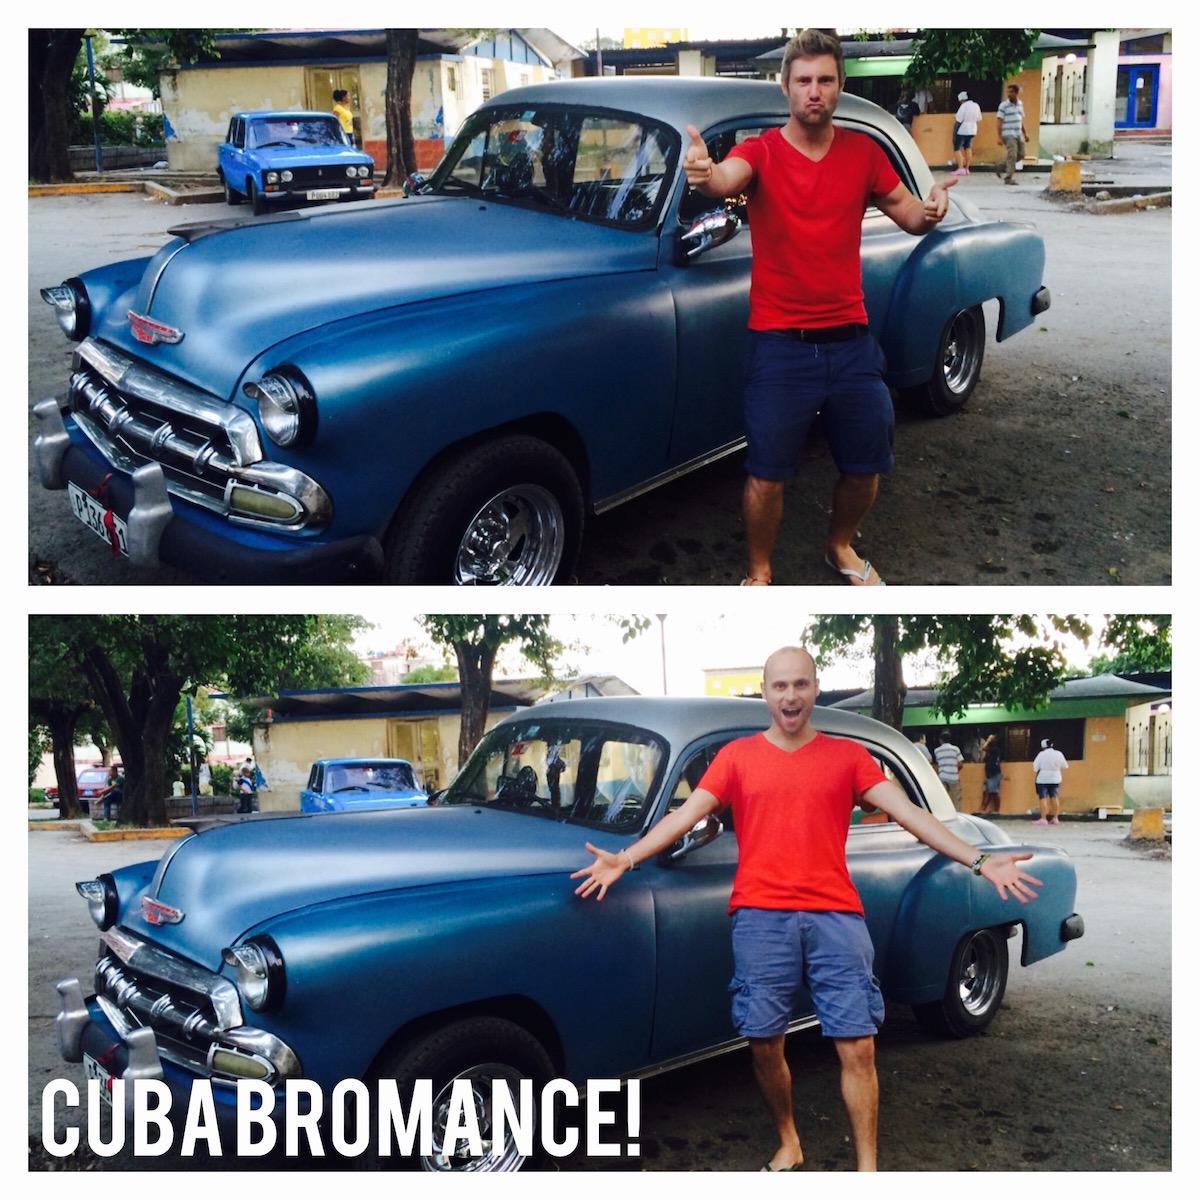 Cuba Bromance